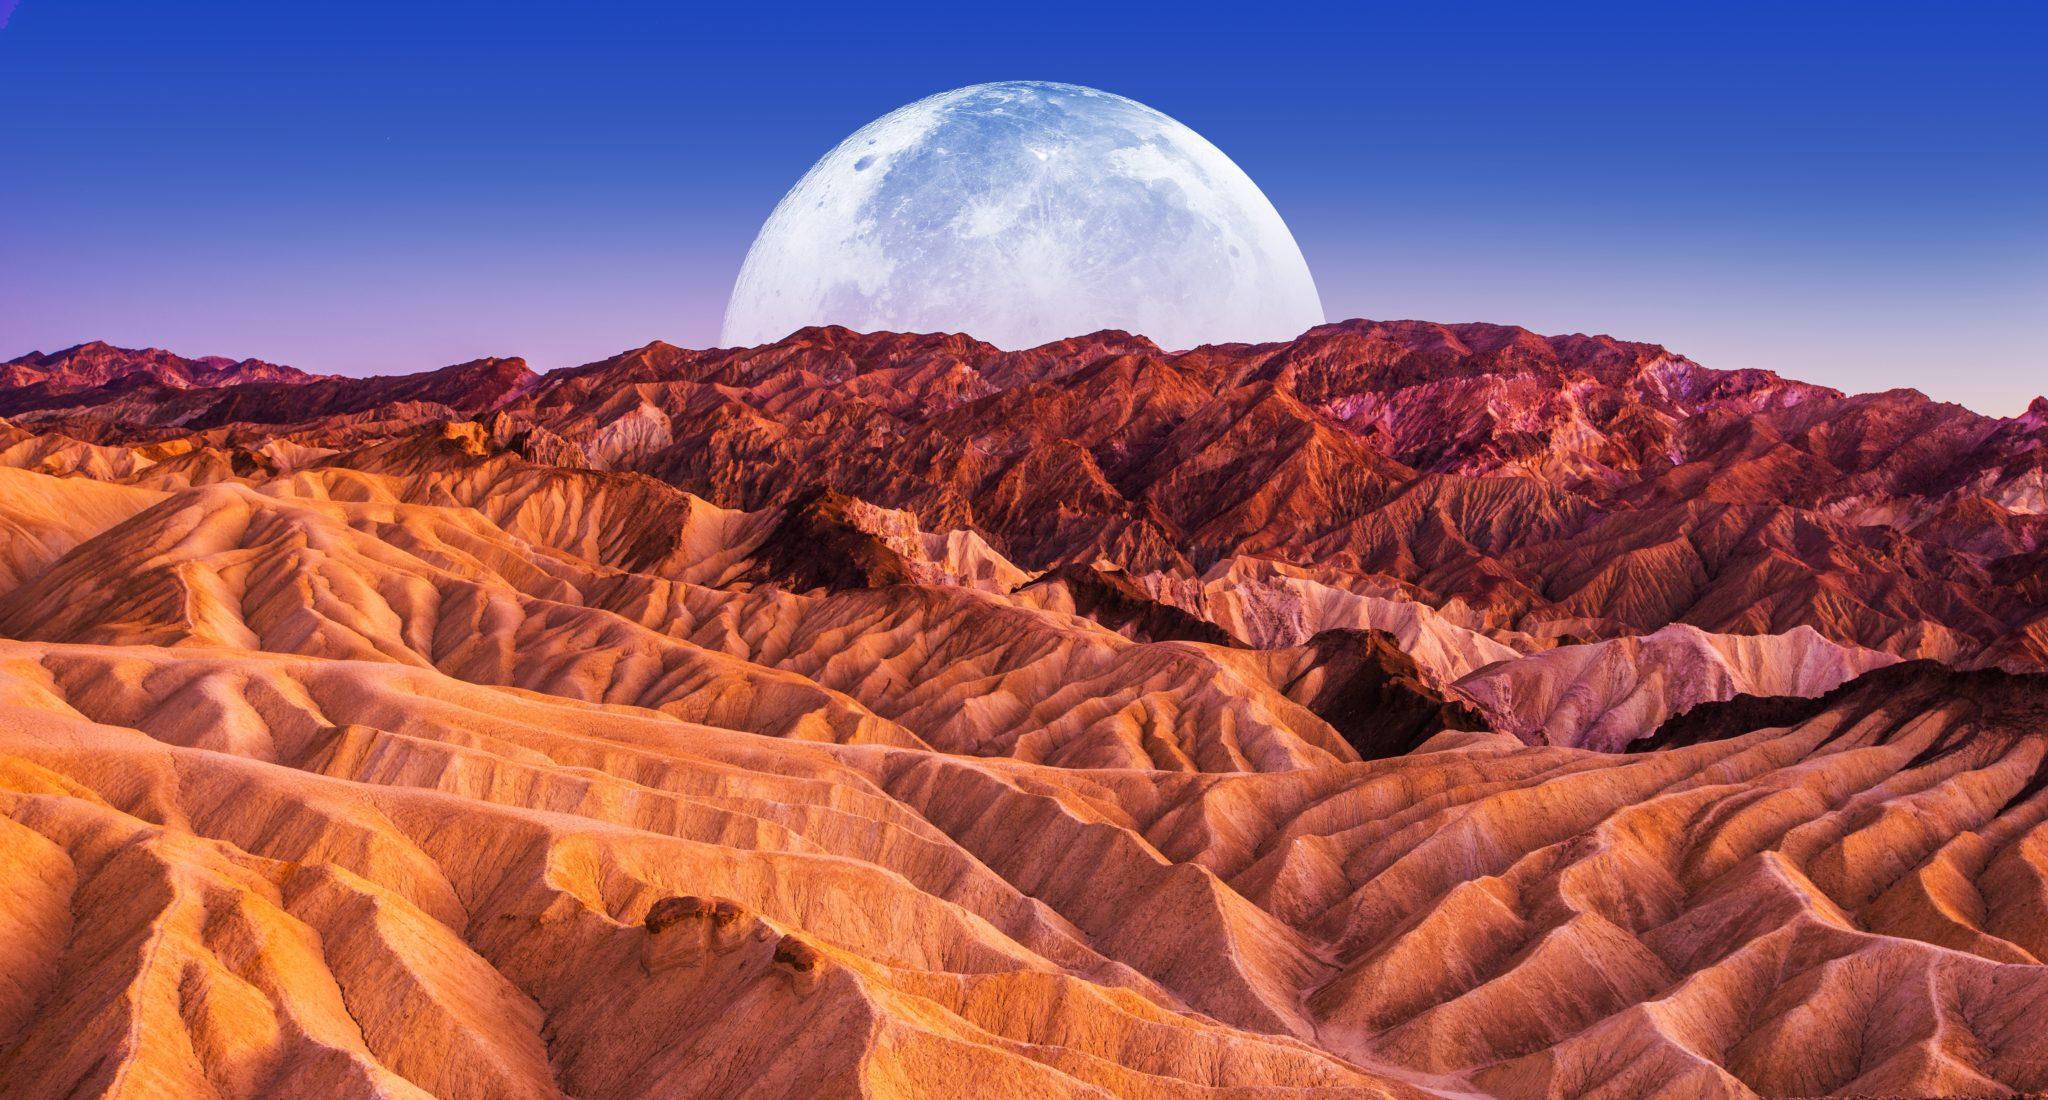 księżyc nad doliną śmierci w nevadzie